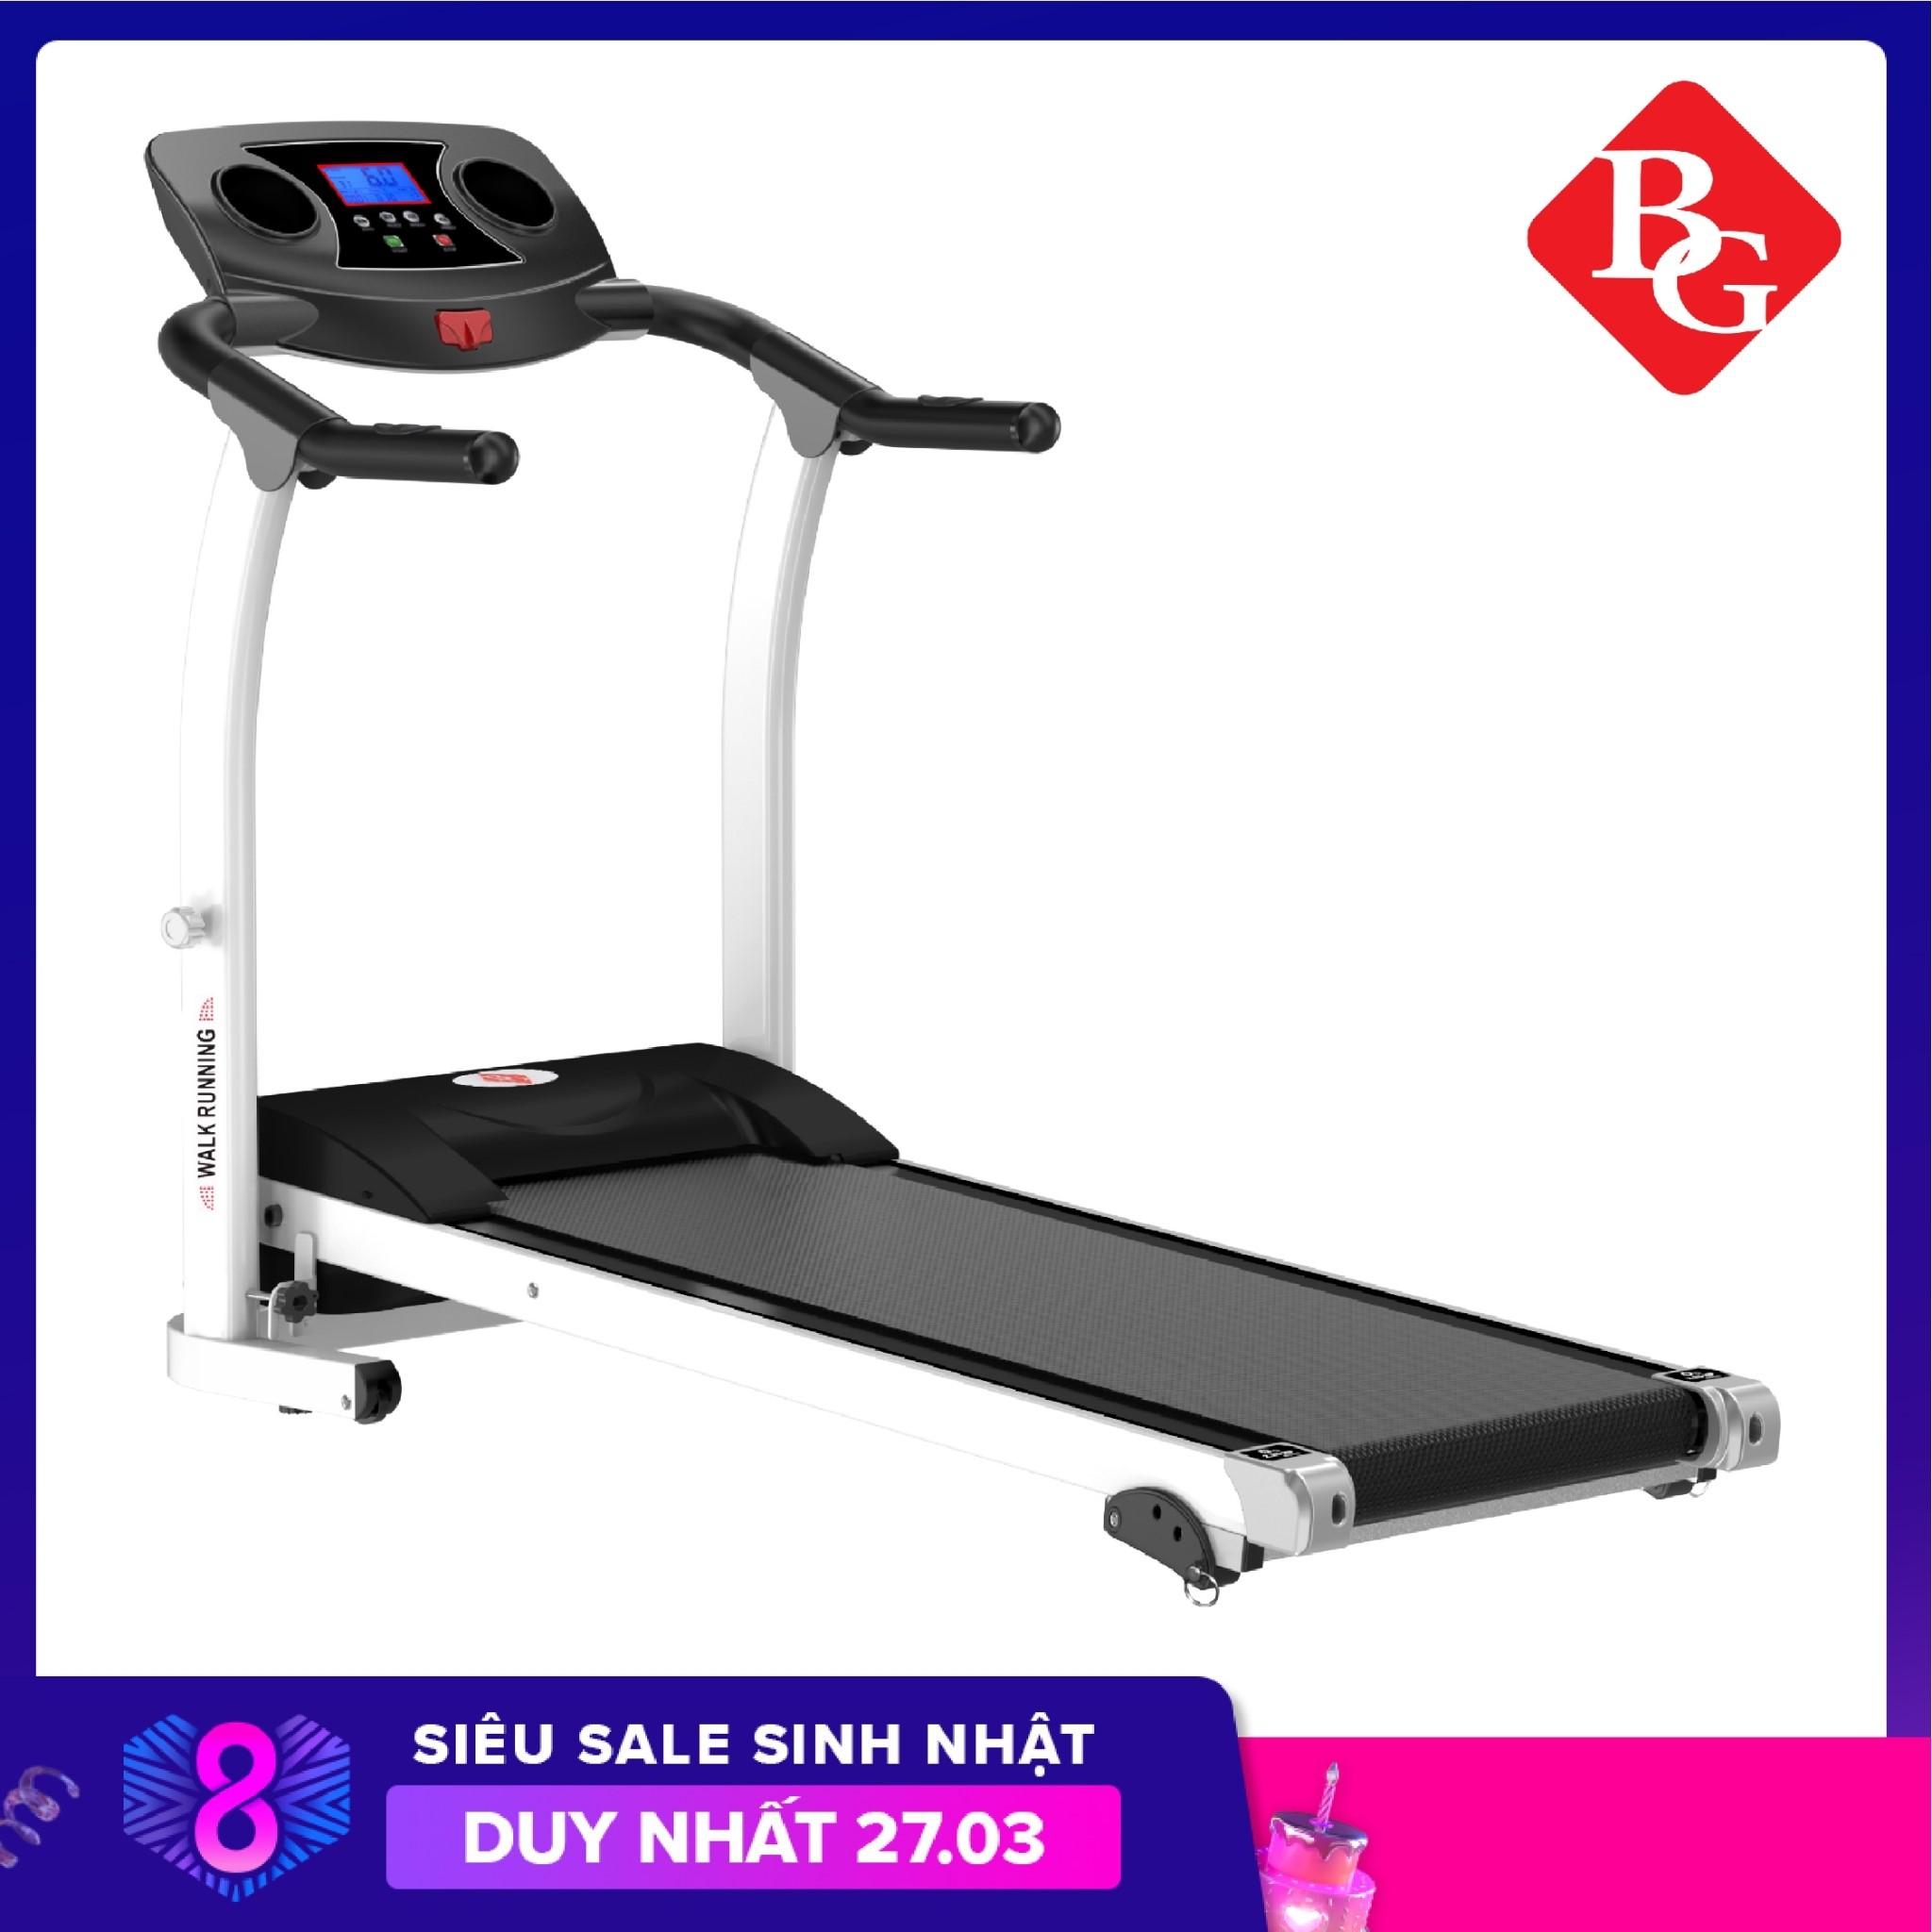 ( Có video) BG -TẾT ĐẾN XUÂN SANG LỘC ĐẦY NHÀ - Máy chạy bộ đơn năng mẫu mới Treadmill M2 Công xuất đạt 2.0HP